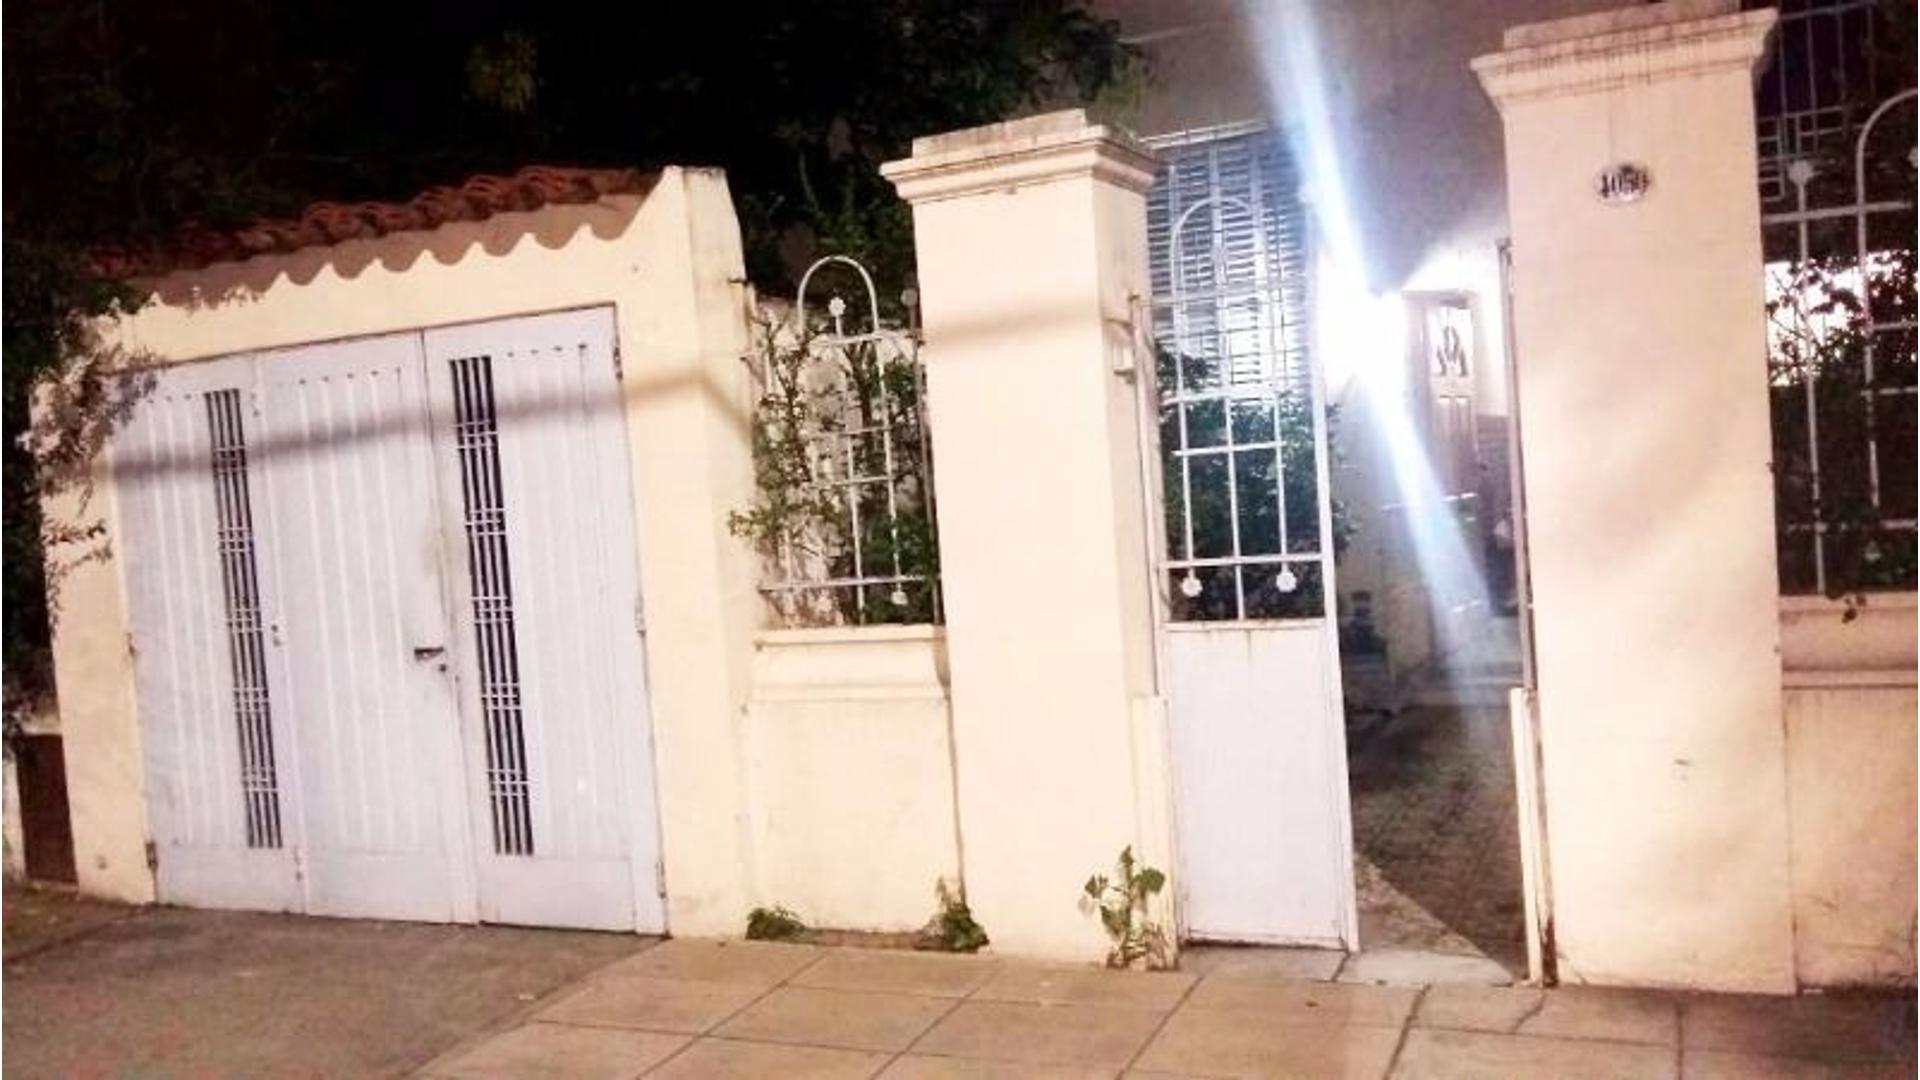 Buena casa antigua, id reciclar: gje , jdin, patio, tza, 4 amb .104m2 cub  sobre lote 159m2